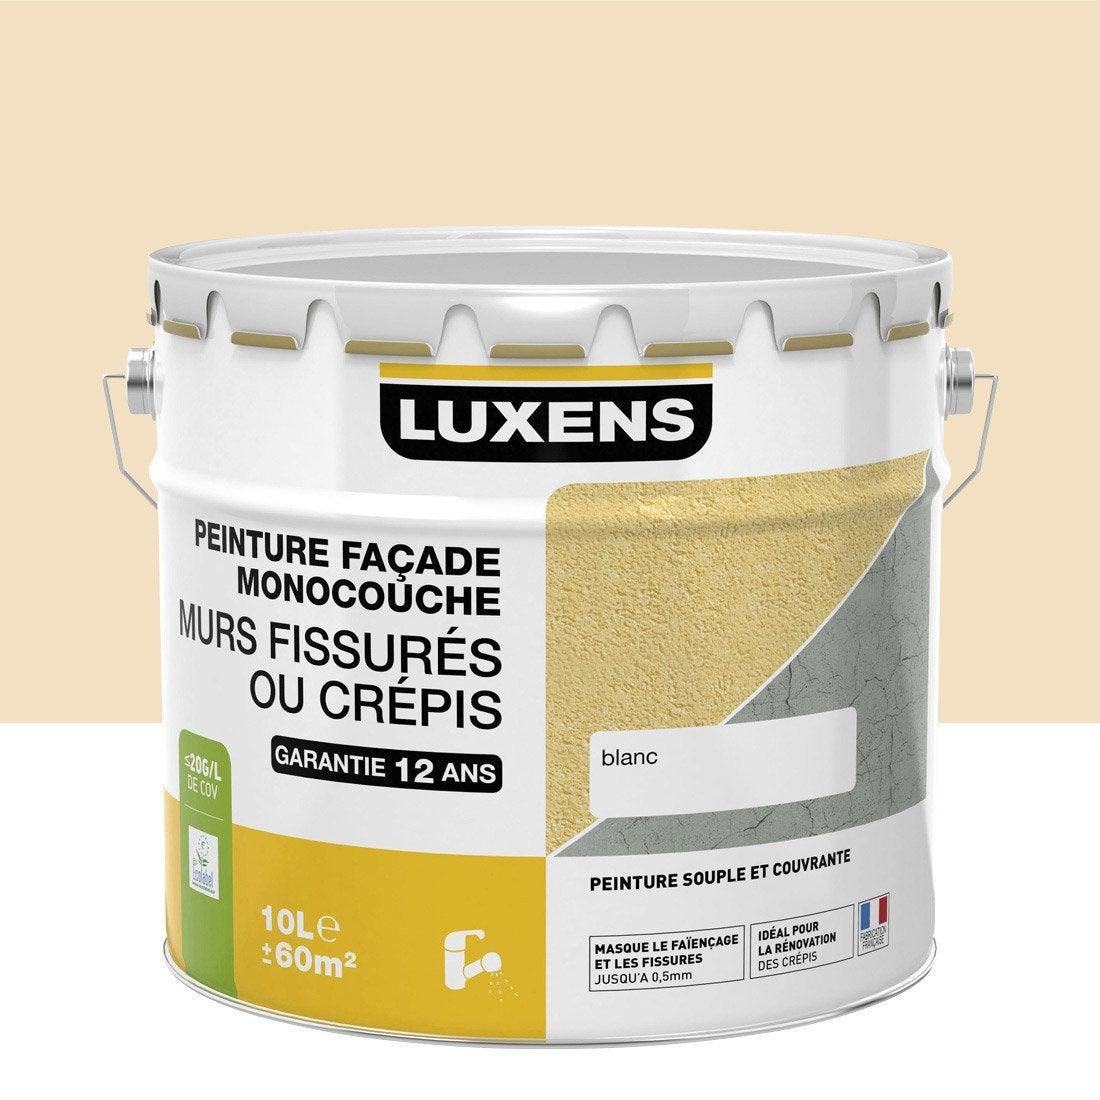 peinture fa ade murs fissur s luxens sable 10 l leroy